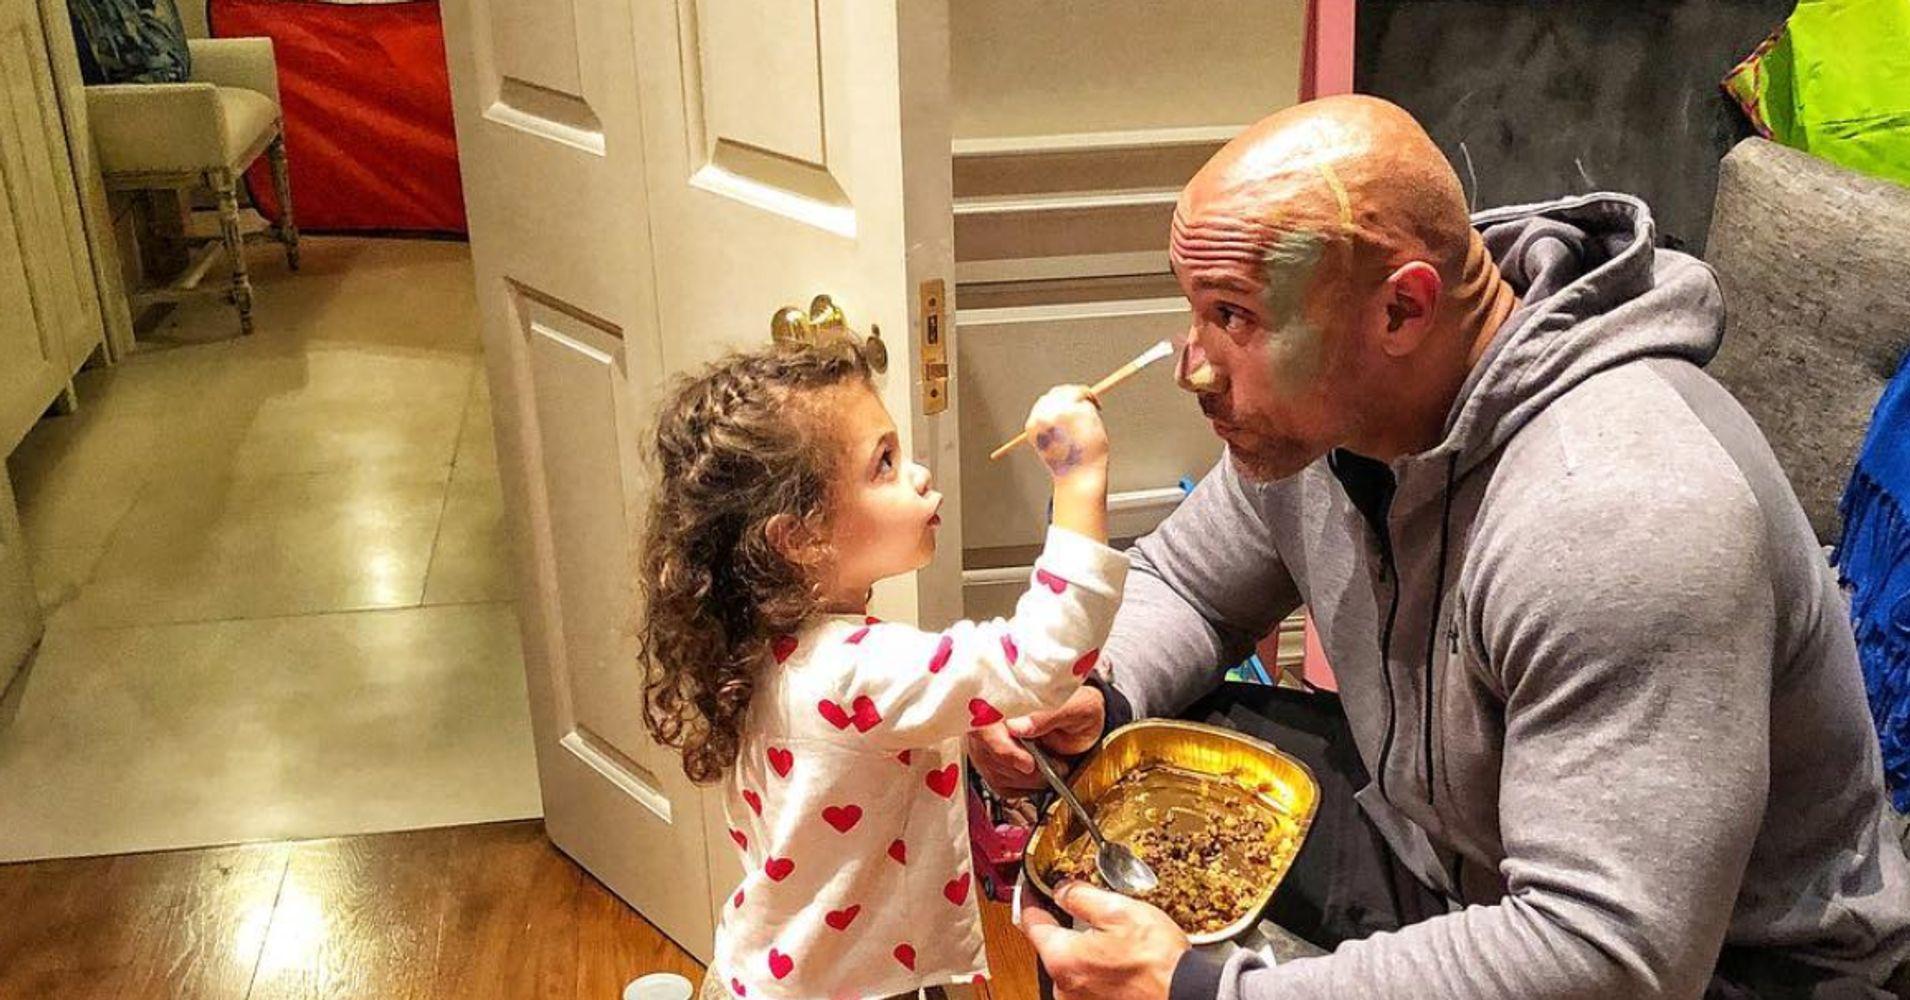 نتيجة بحث الصور عن The Rock and his daughter